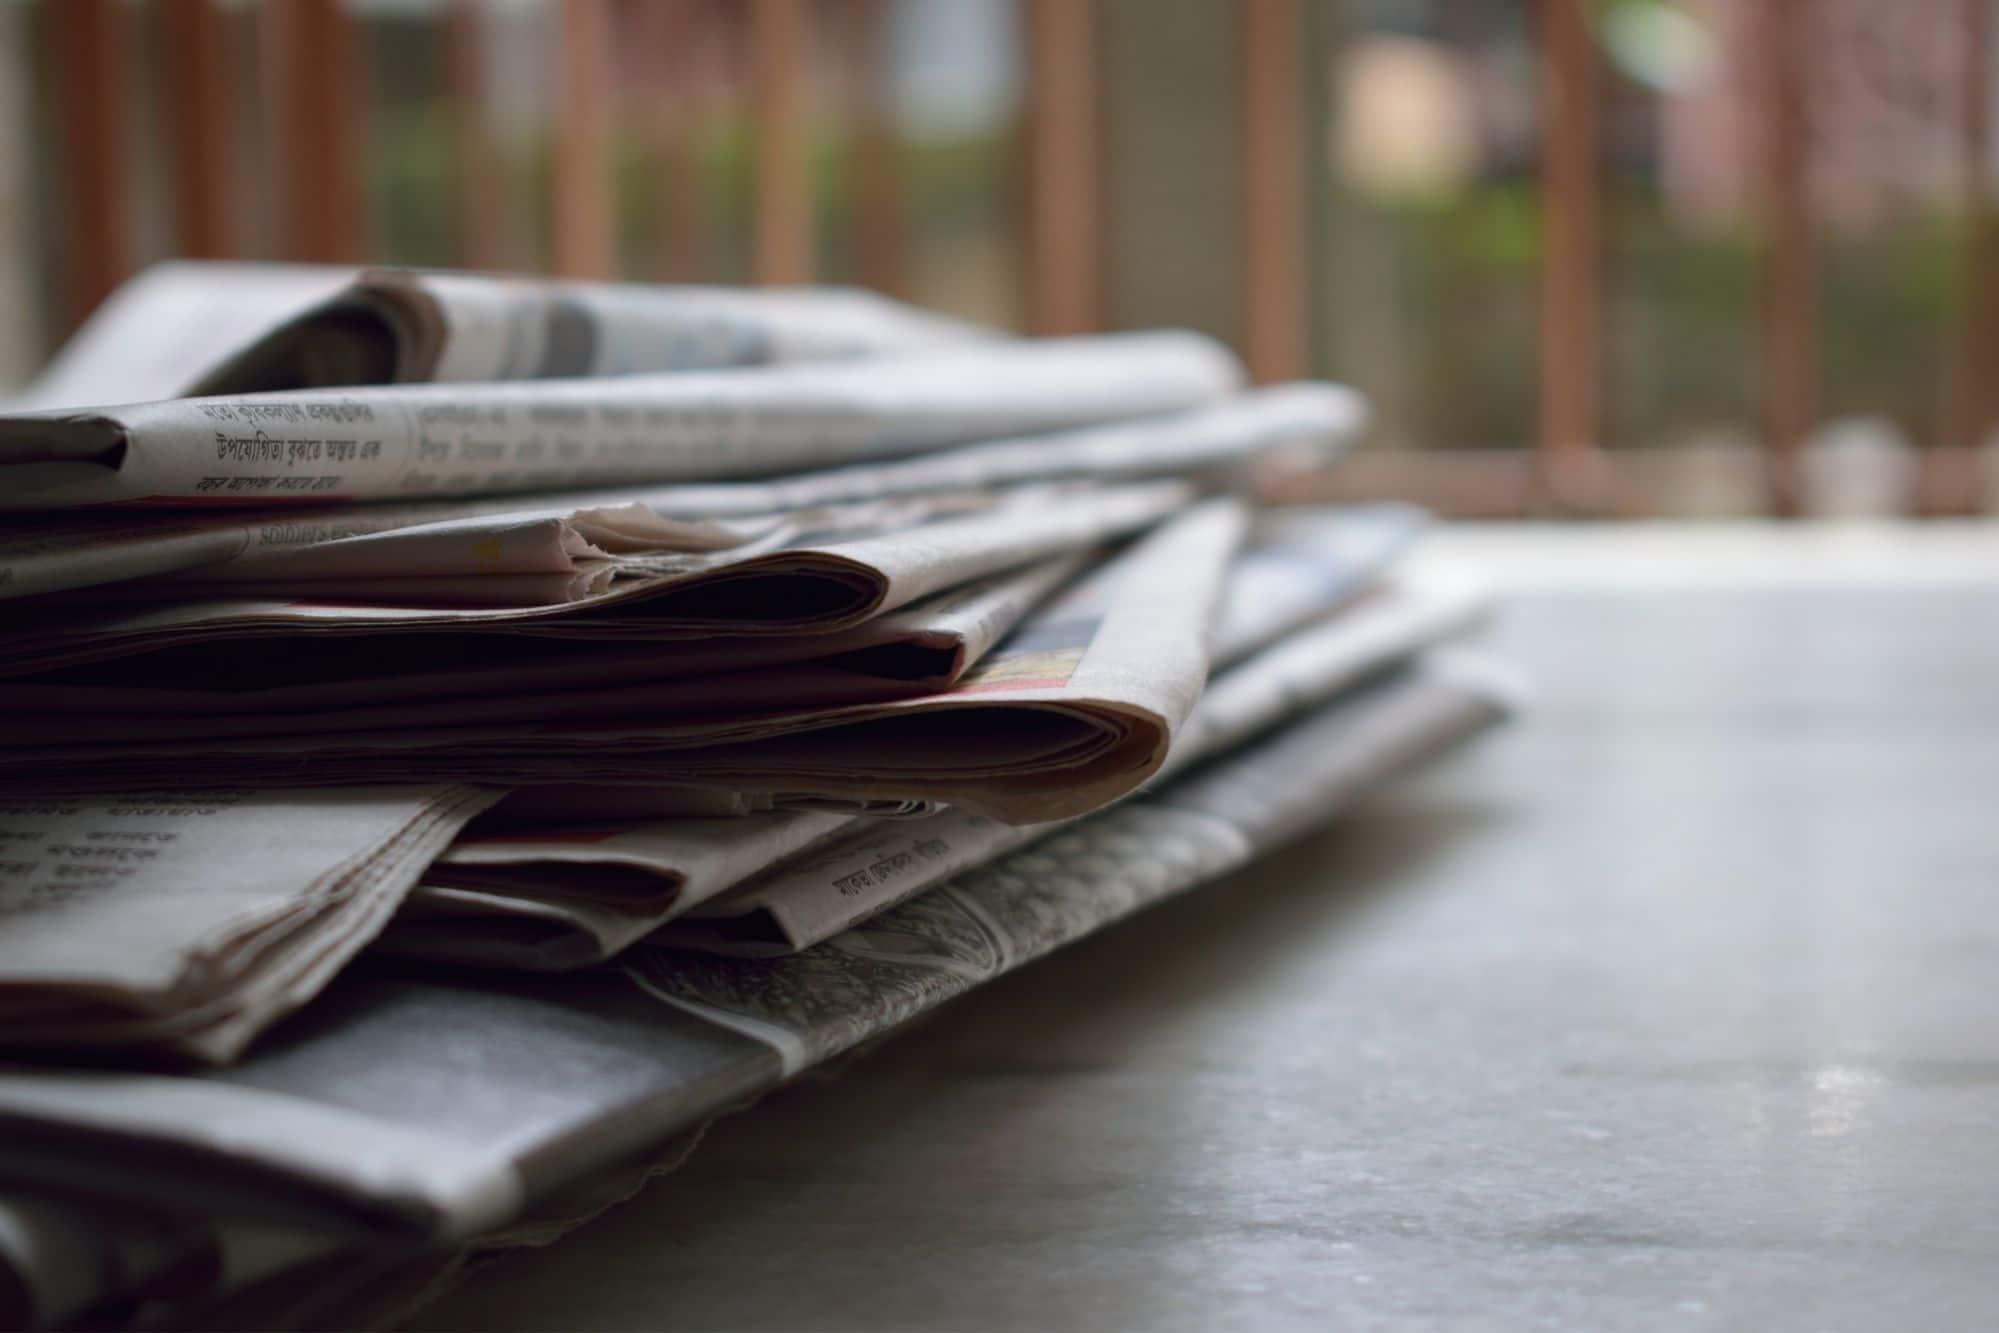 quel-futur-pour-les-medias-papier